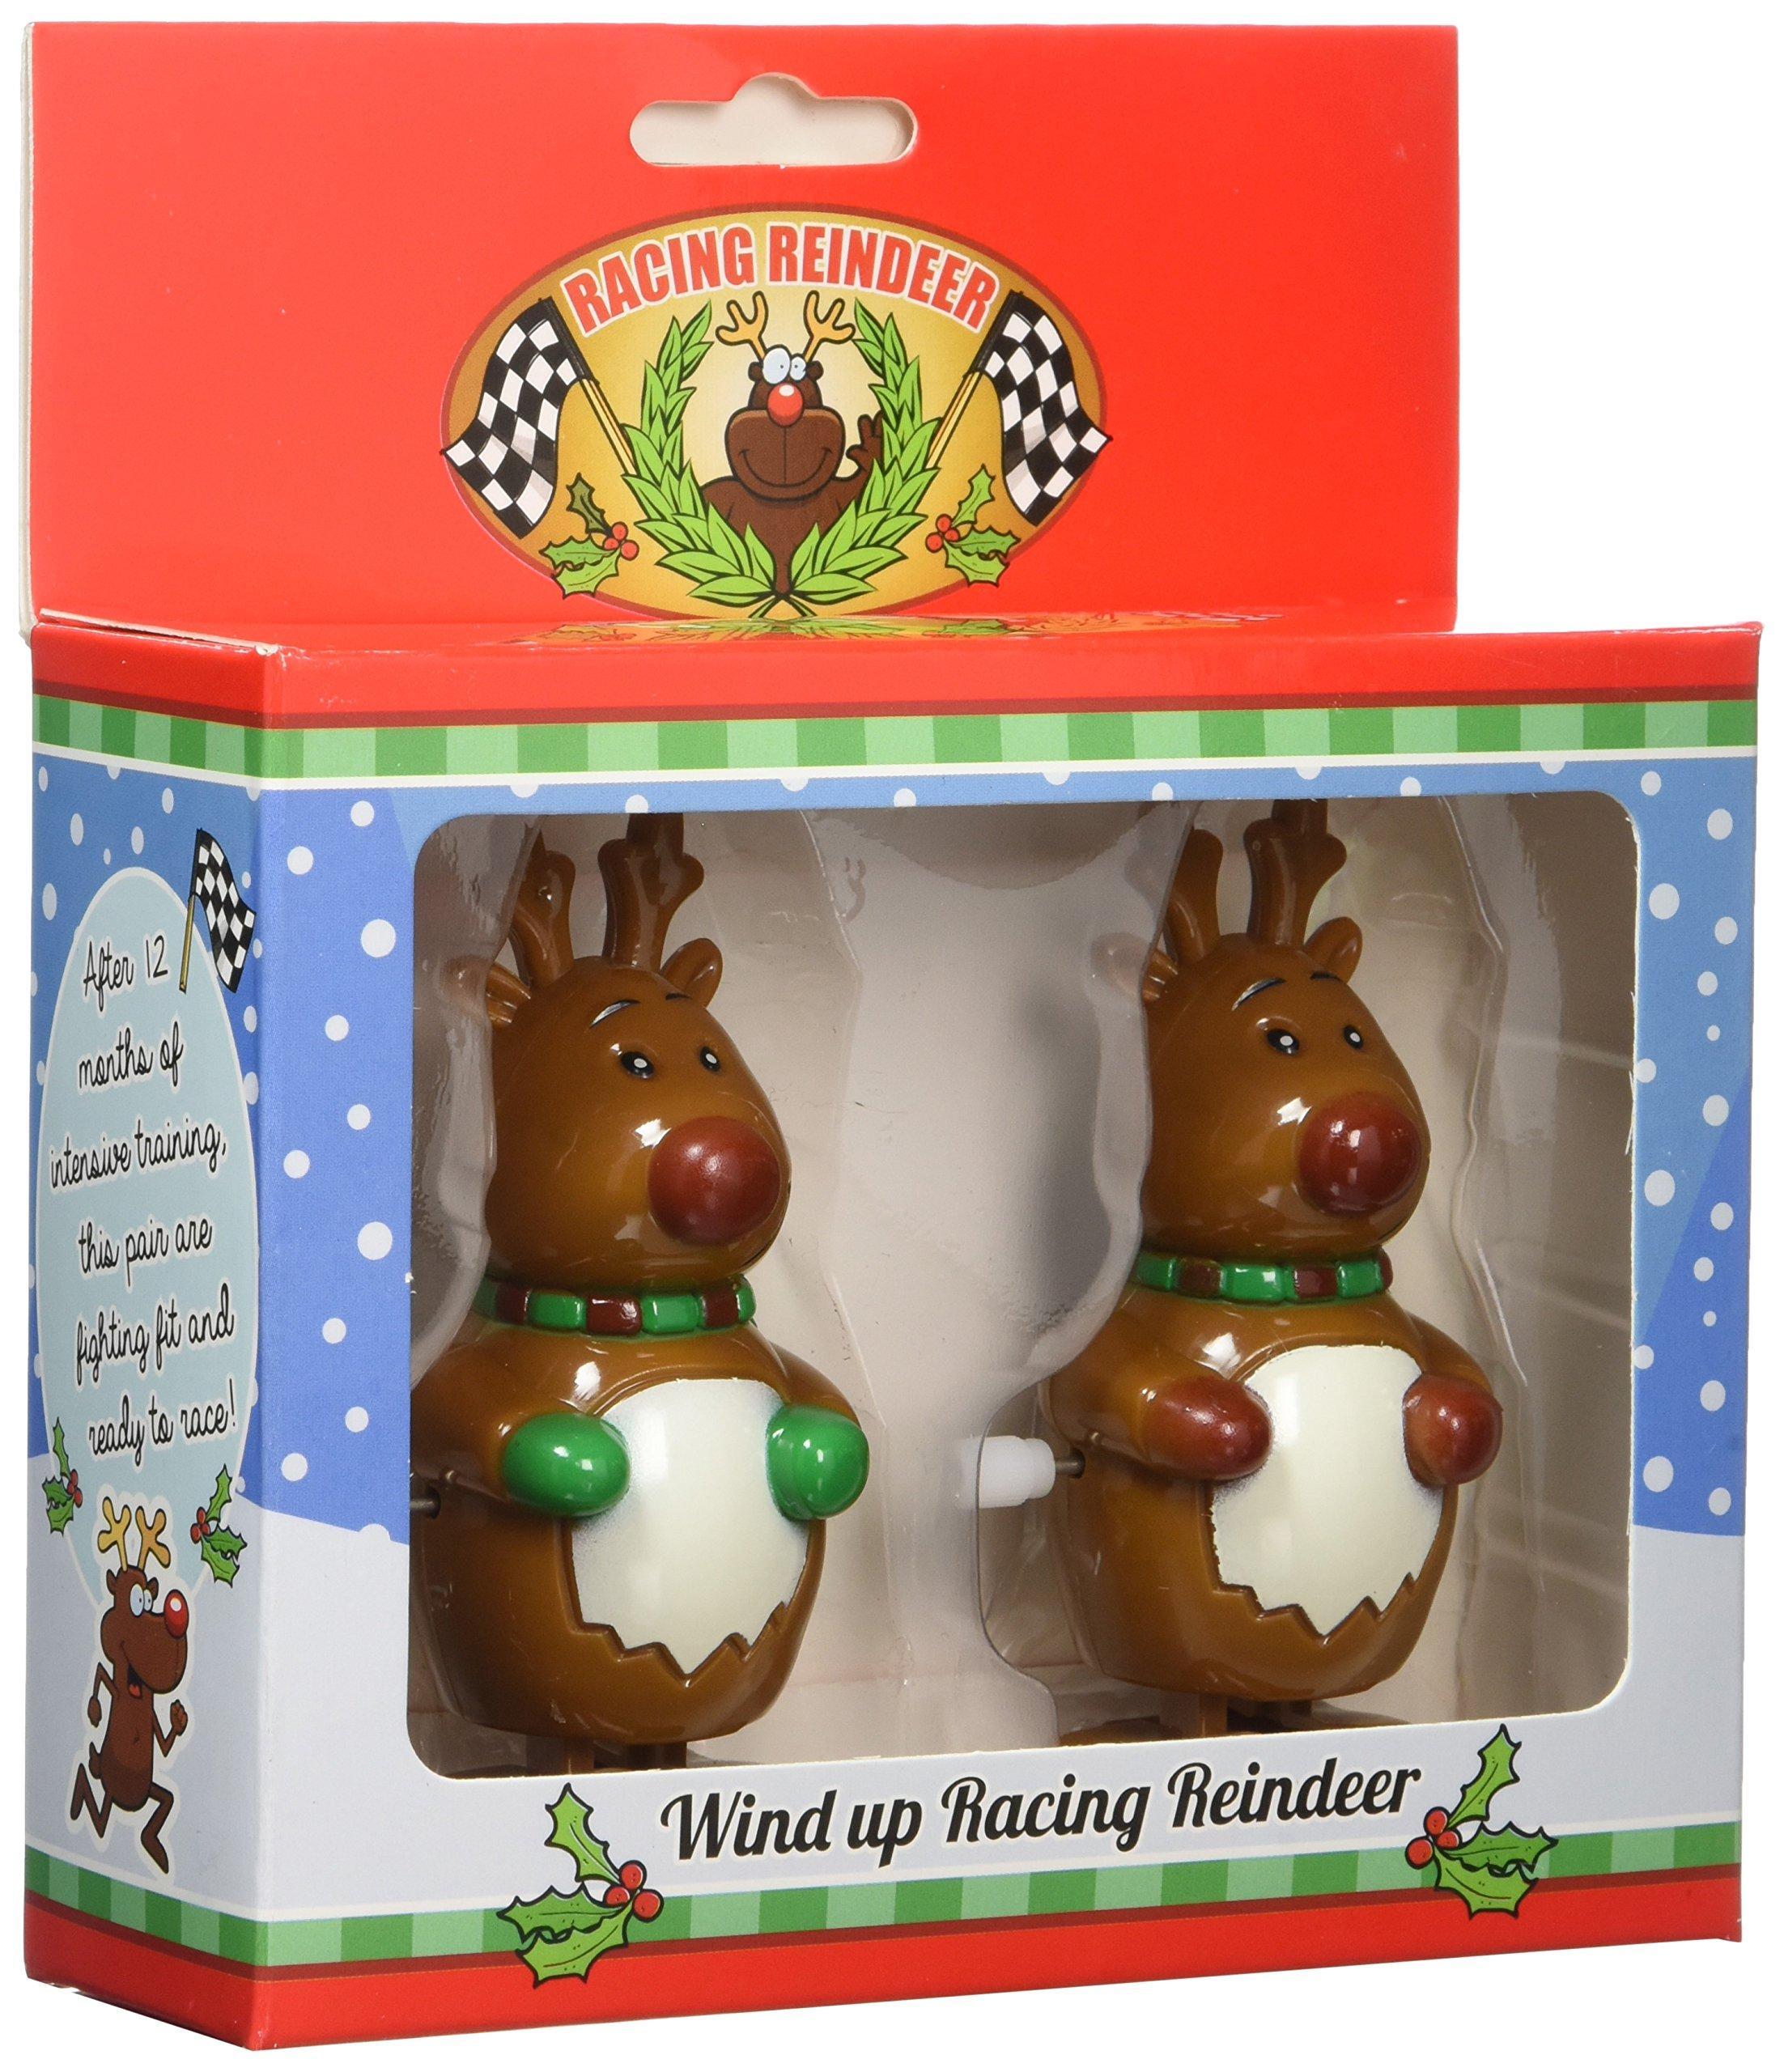 Wind Up Racing Reindeer